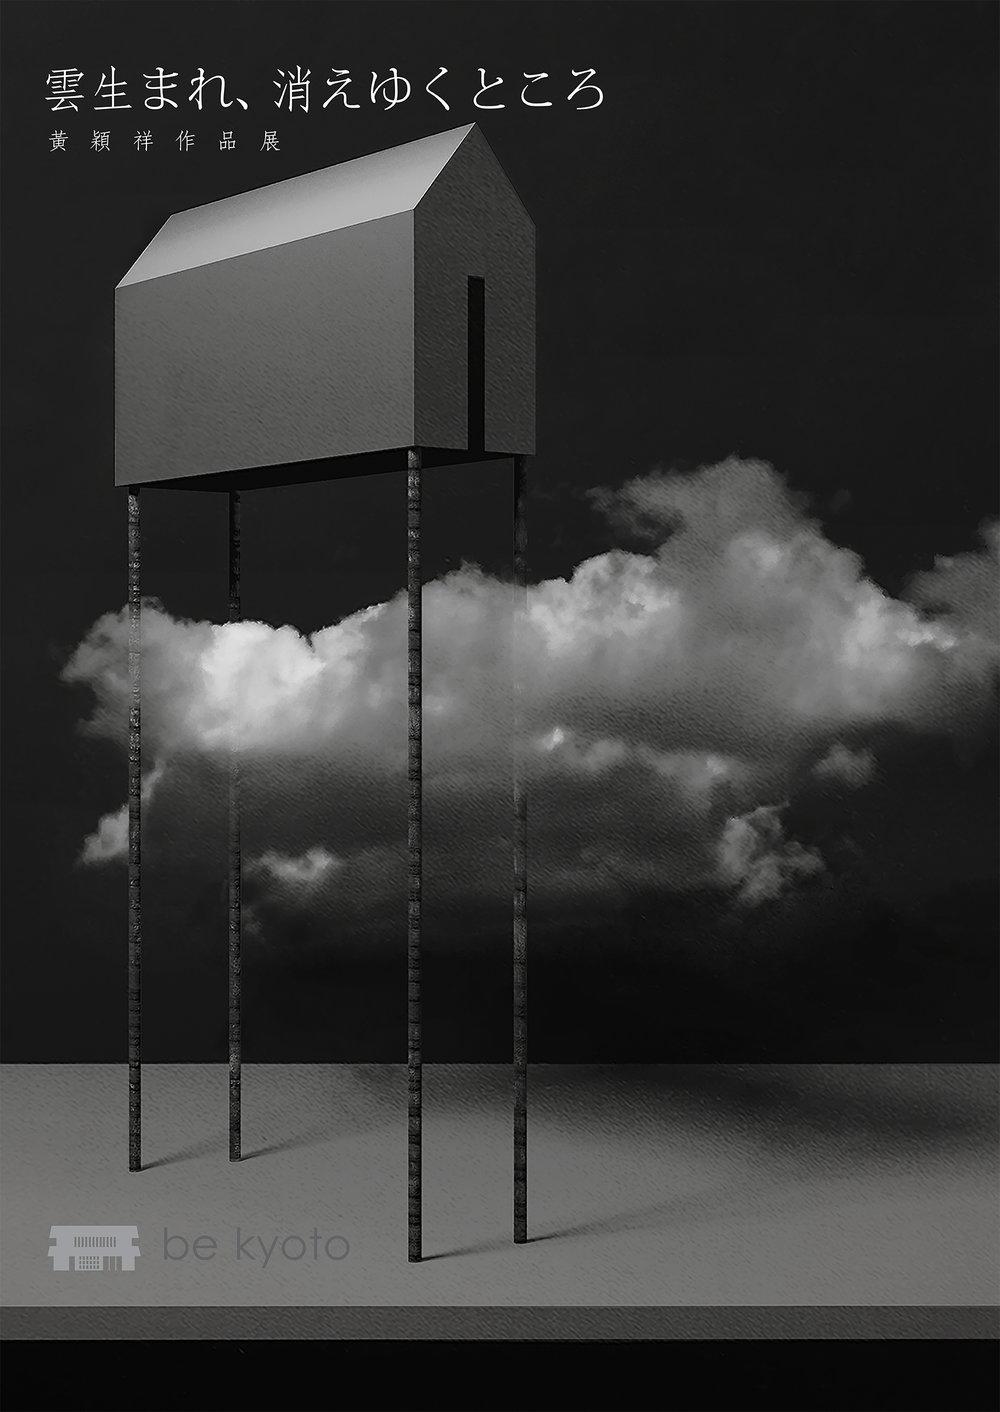 雲生まれ、消えゆくところPoster.jpg